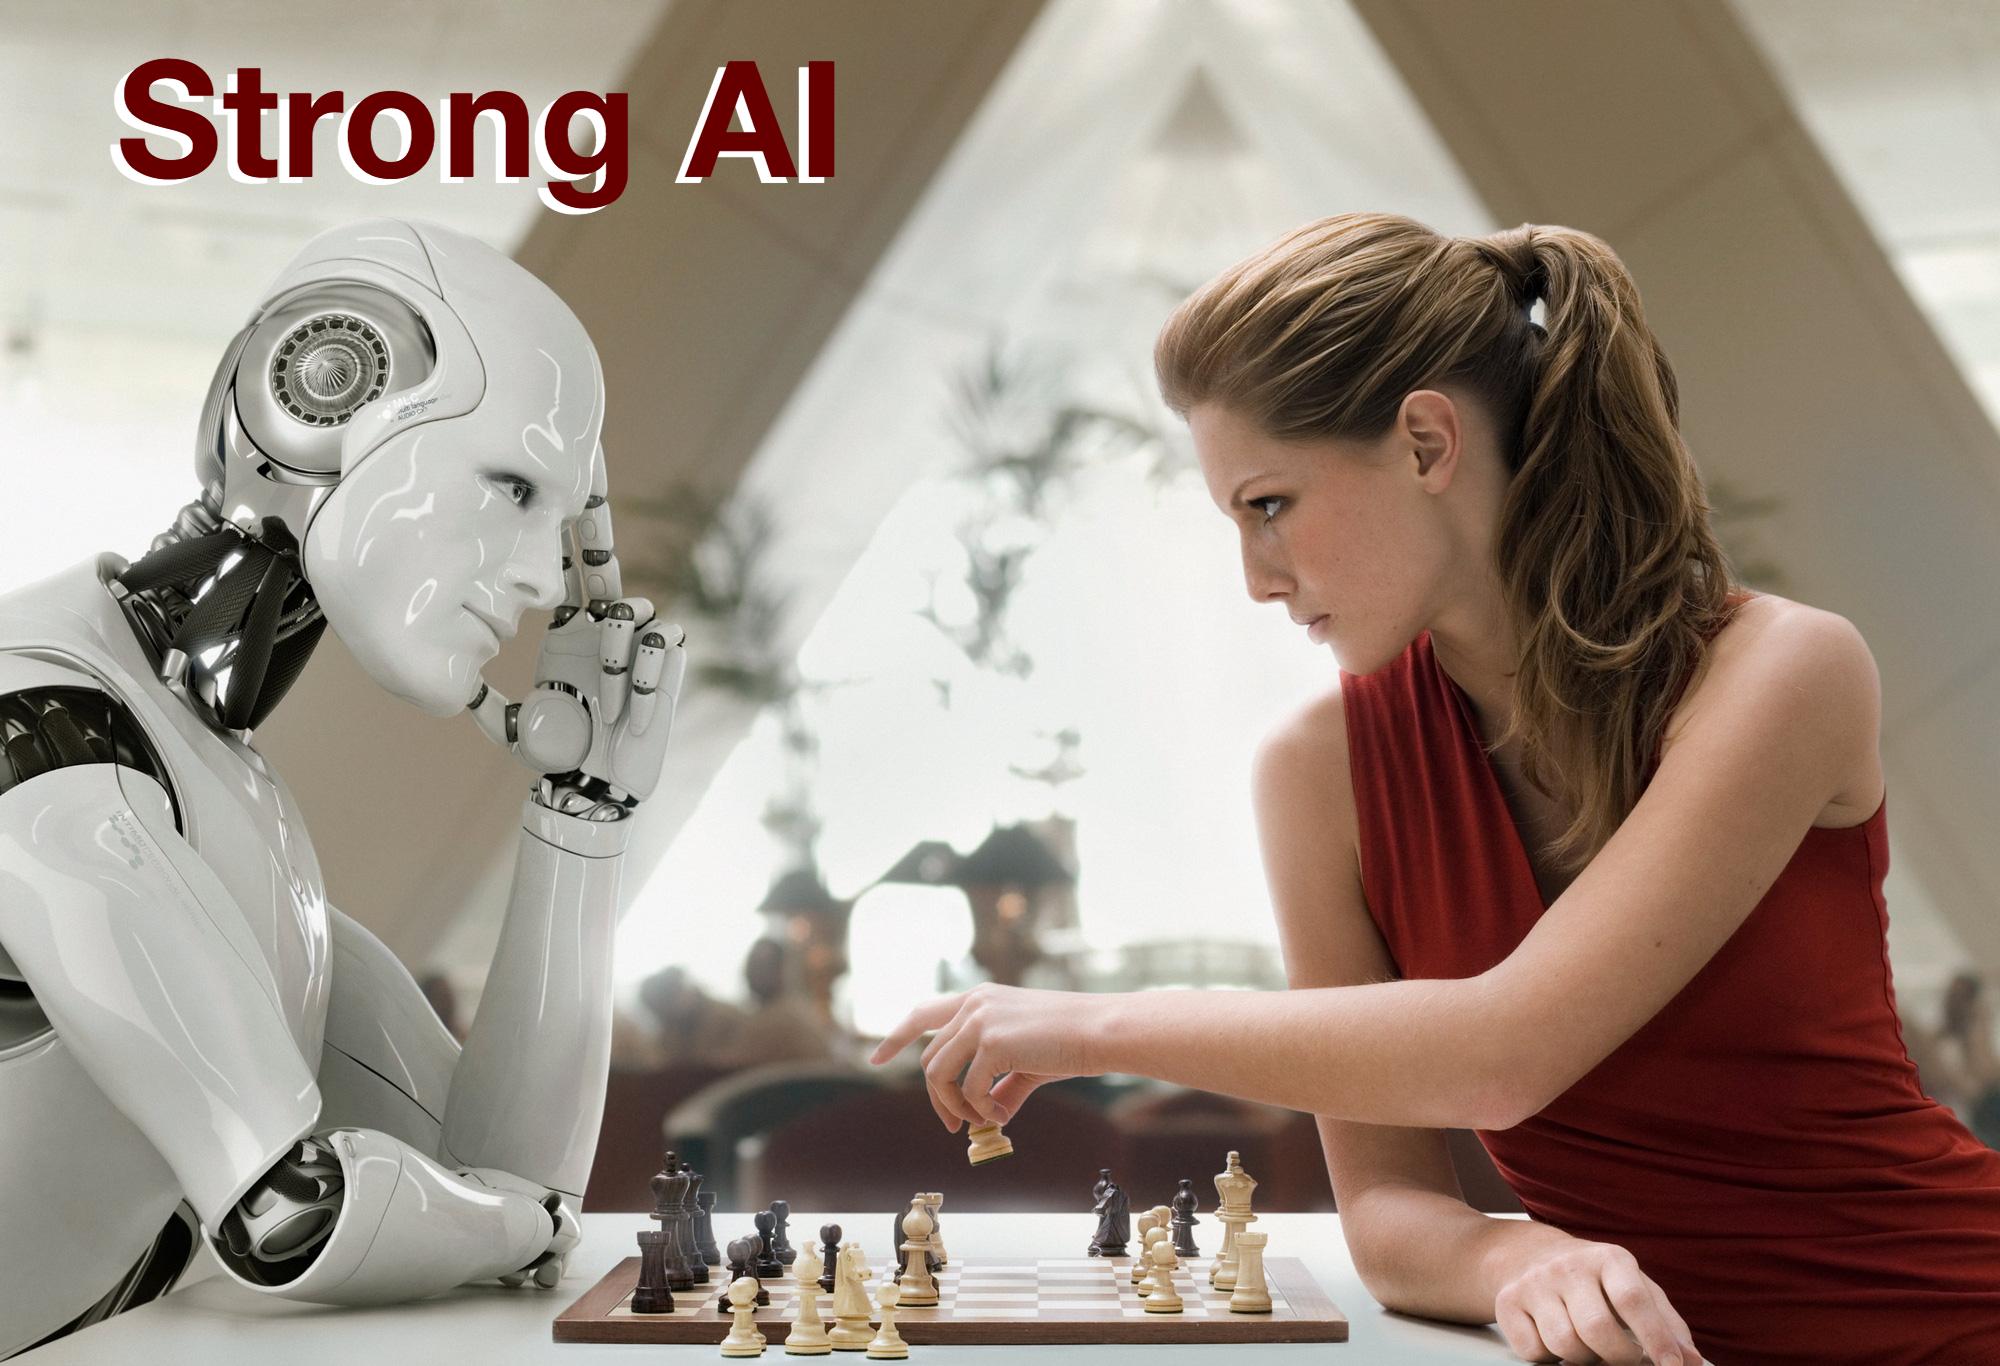 AI Mạnh (Strong AI) là gì? Rủi ro và lợi ích mà AI mạnh mang lại - Ảnh 1.